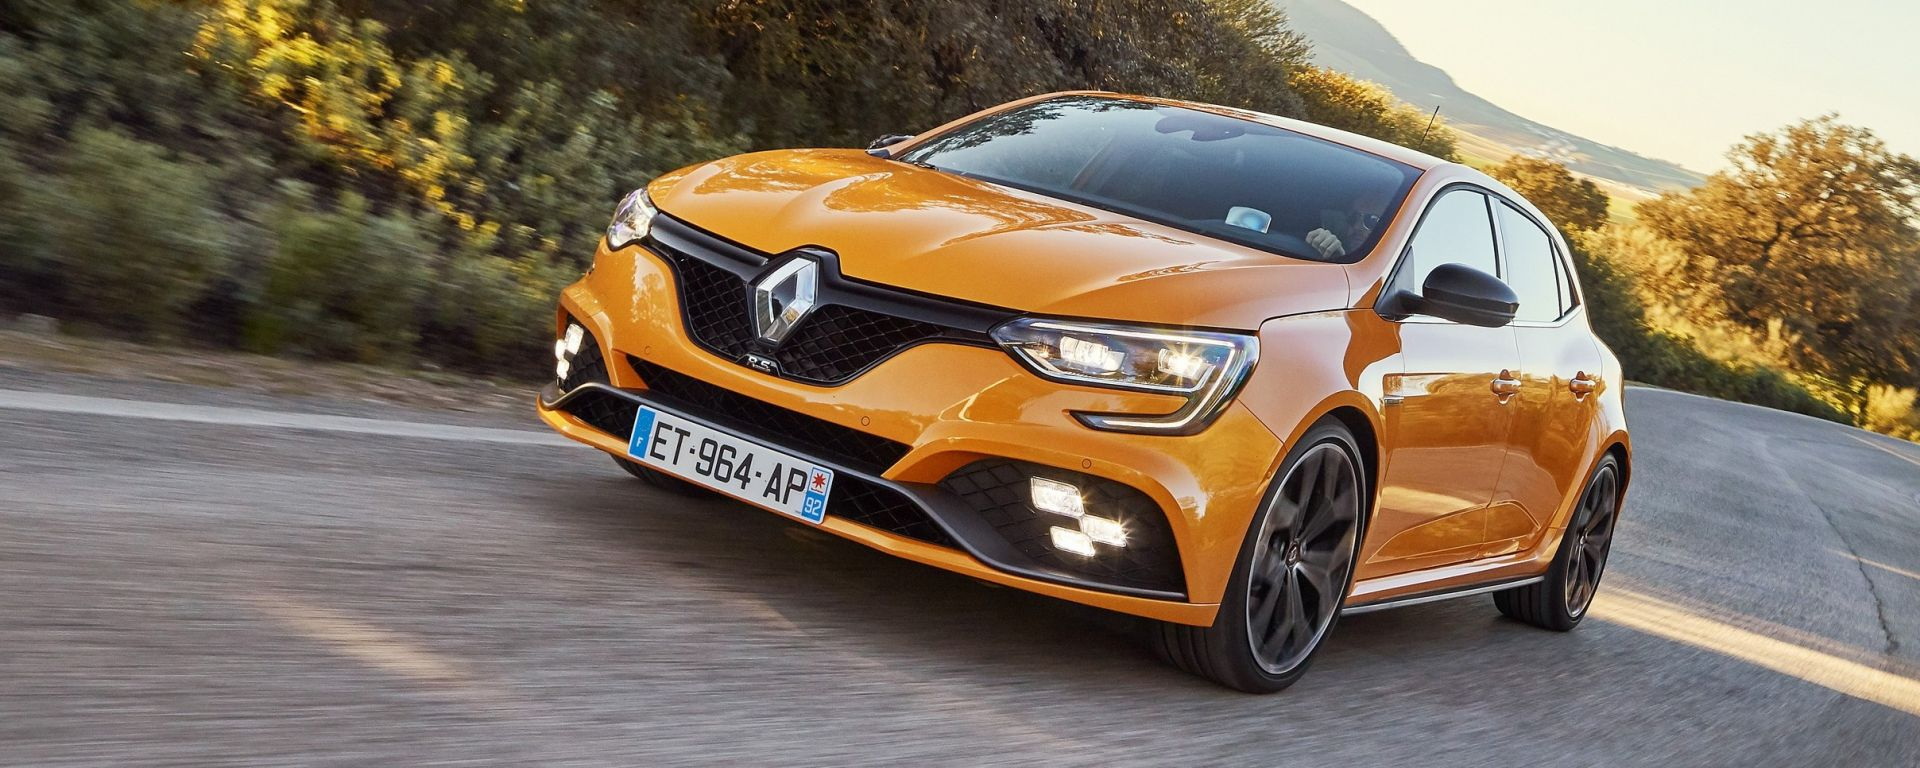 Renault Megane RS: la baionetta di Napoleone